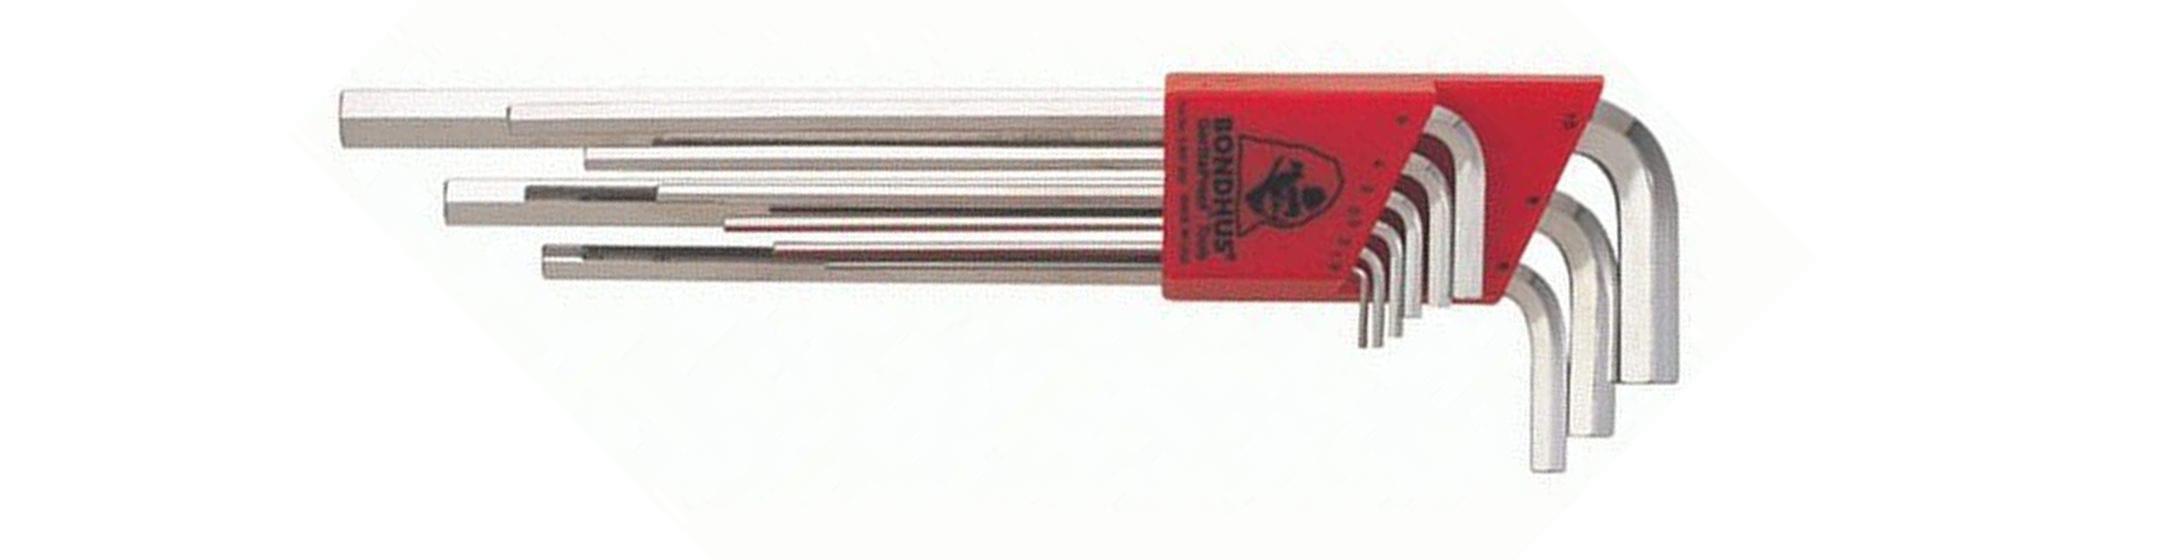 BONDHUS(ボンダス) 六角レンチセット9本組 ミリタイプ HLX9MB